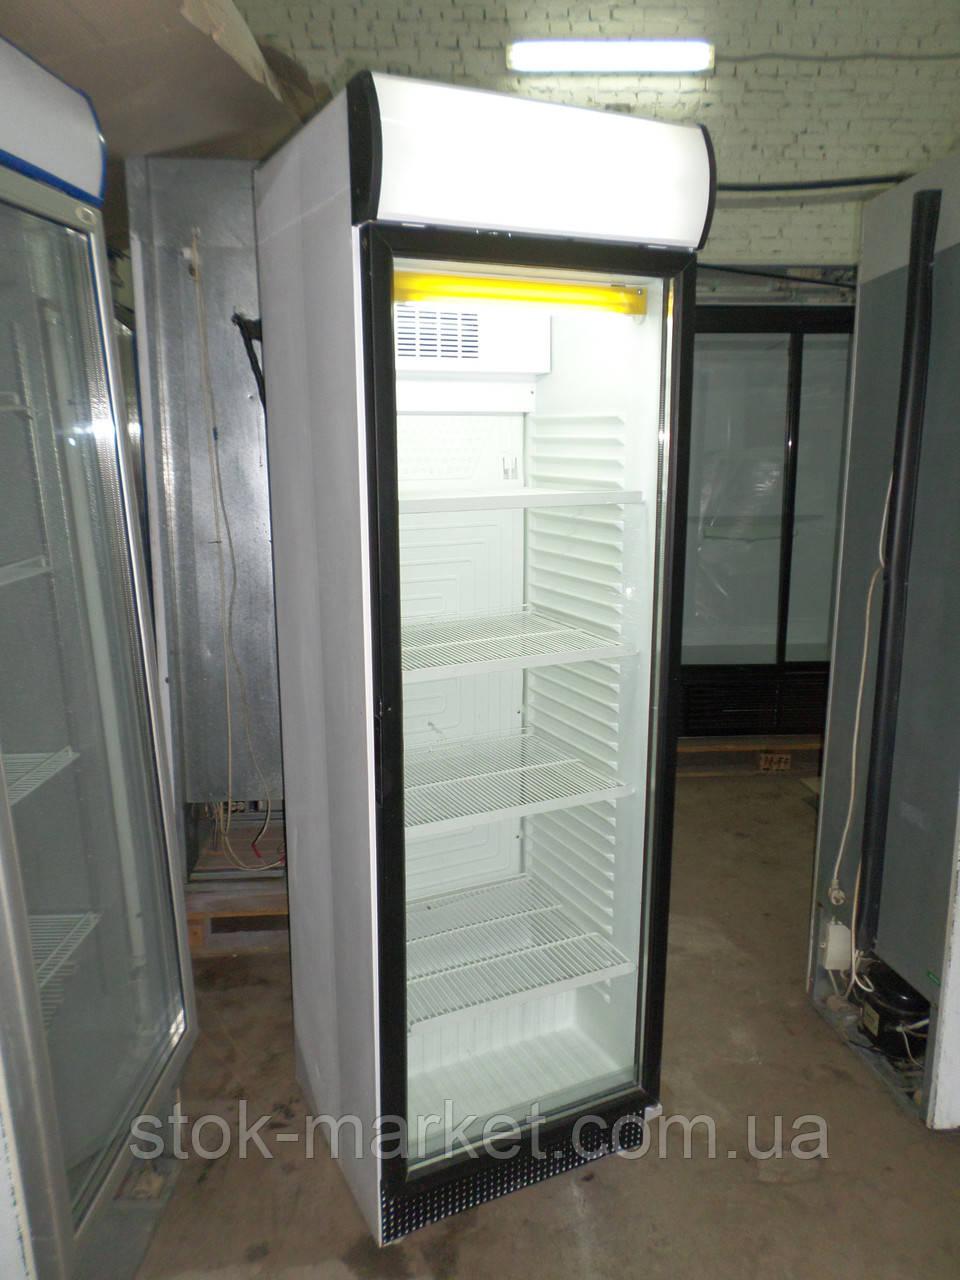 Холодильный шкаф Klimasan б/у, холодильная камера б у, холодильник б у, шкафчик холодильный под напитки б у,